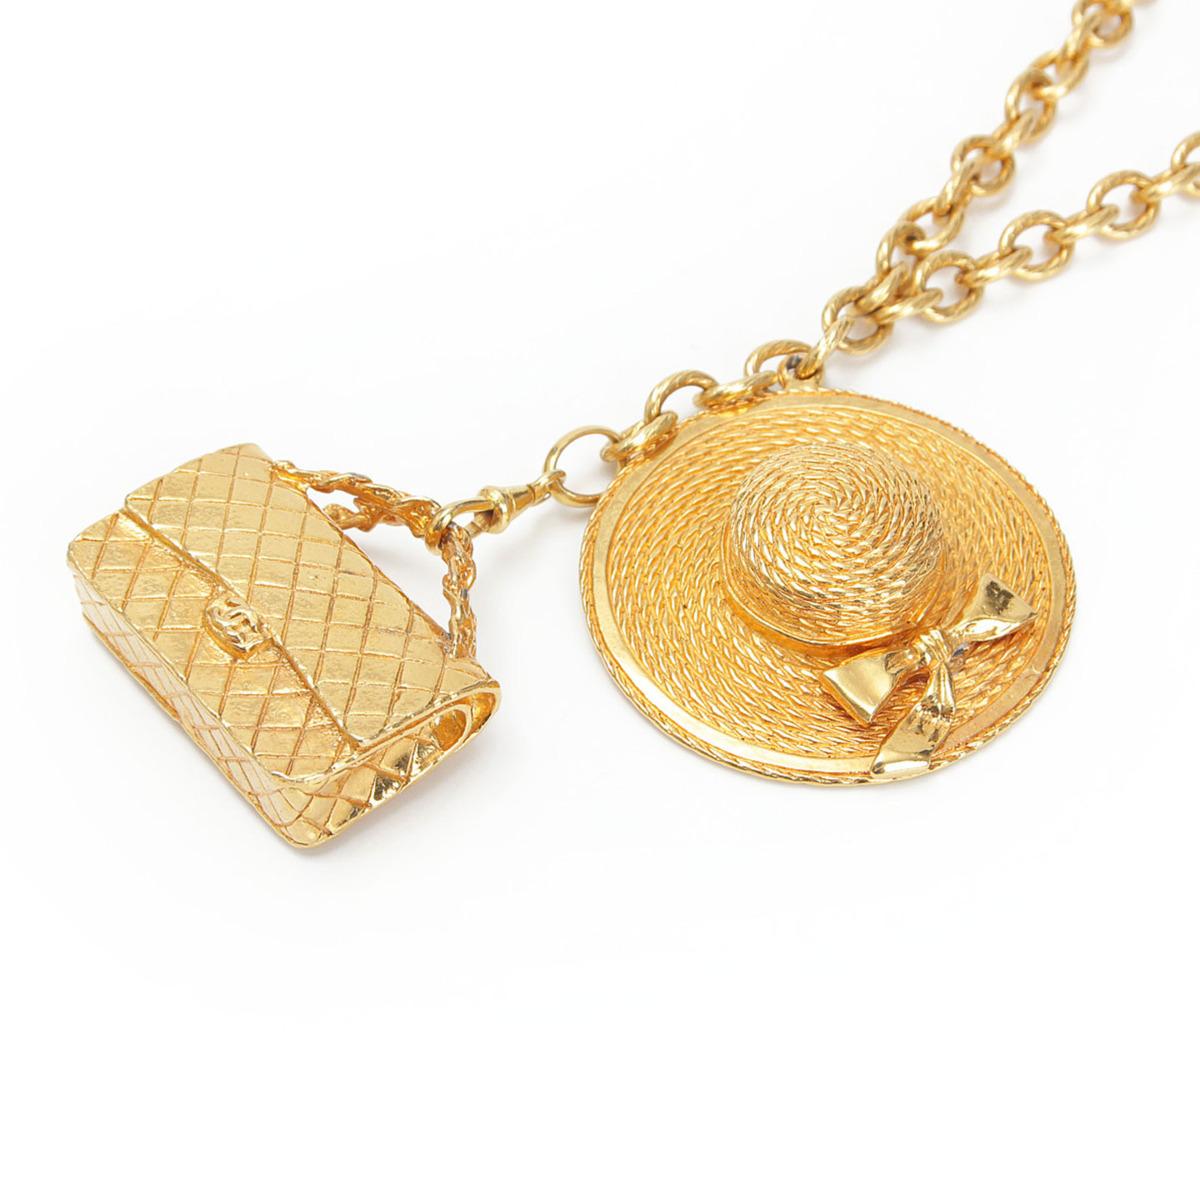 【シャネル】Chanel デカマトラッセ バッグ 帽子 モチーフ ネックレス ゴールド 【中古】【鑑定済・正規品保証】【送料無料】32345